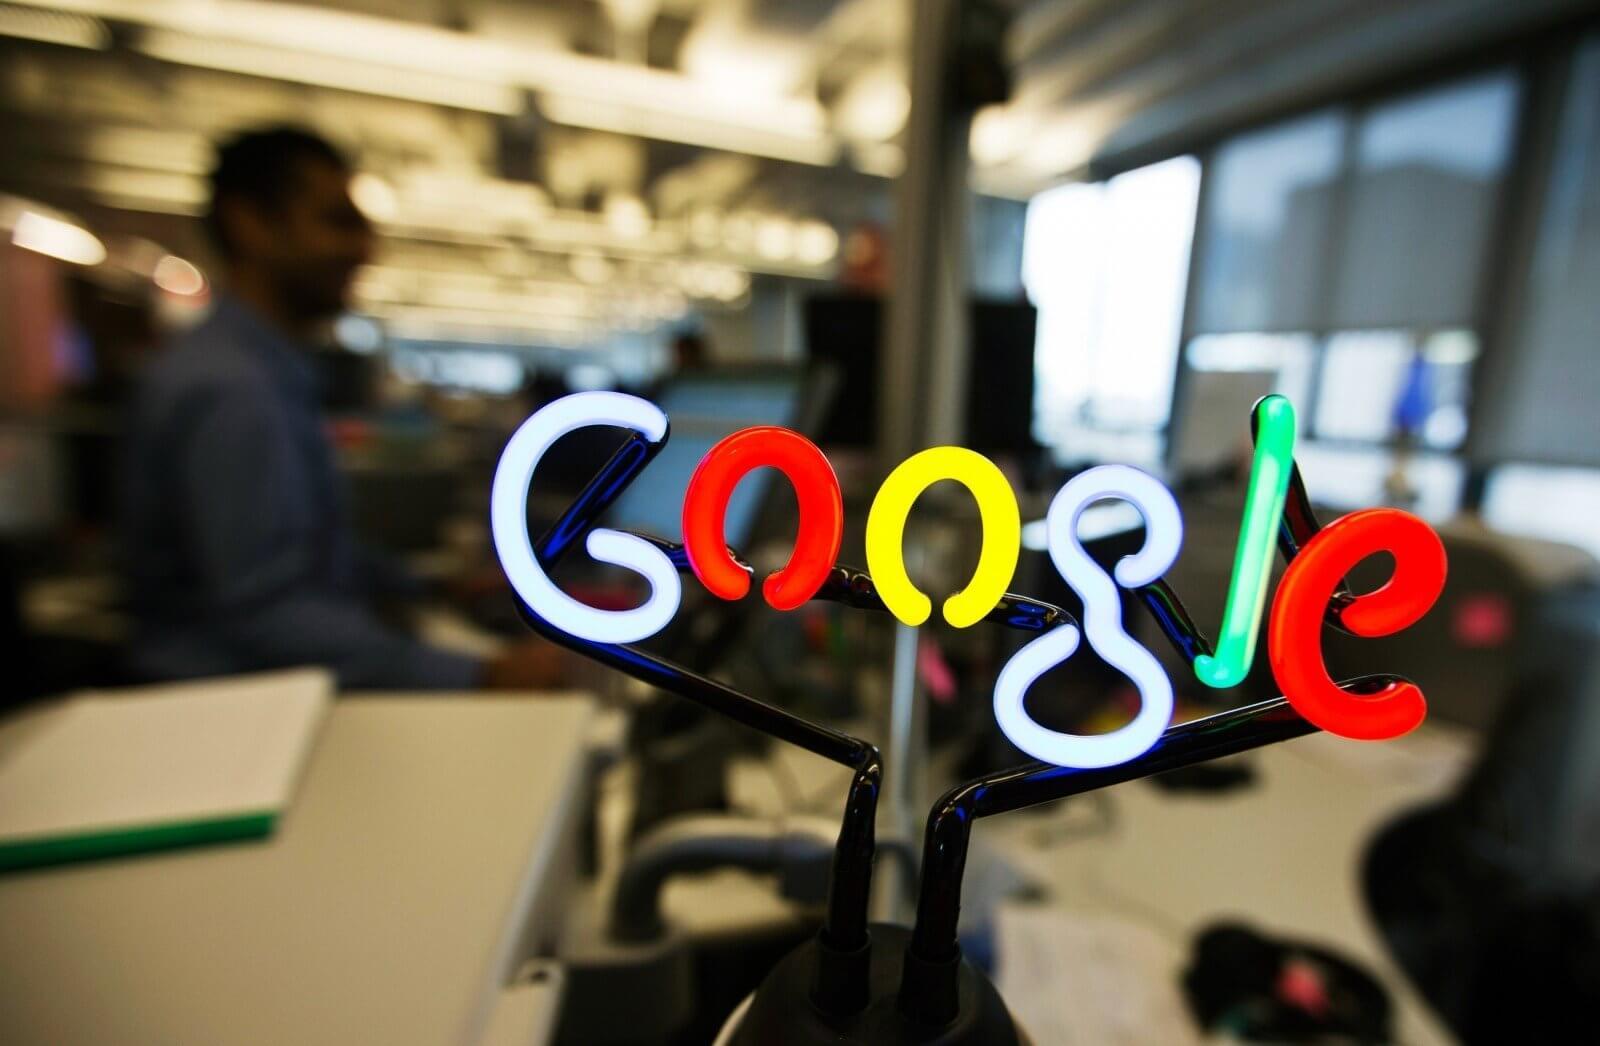 Приложение из Google Play похищало данные пользователей криптобирж